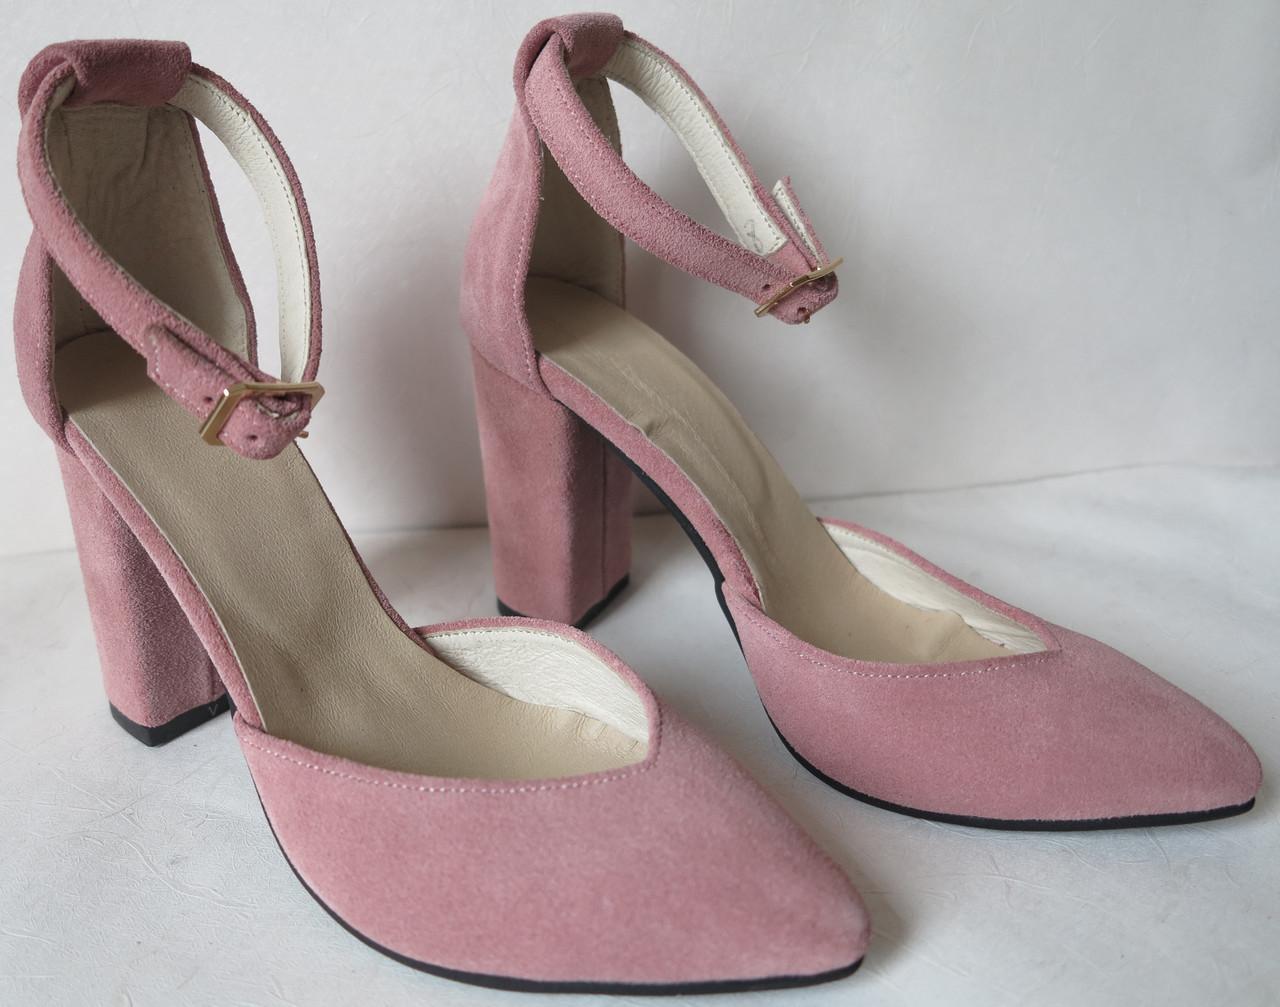 39 р. Туфли женские розовые пудра замшевые на каблуке с ремешком, из натуральной замши, натуральная замша